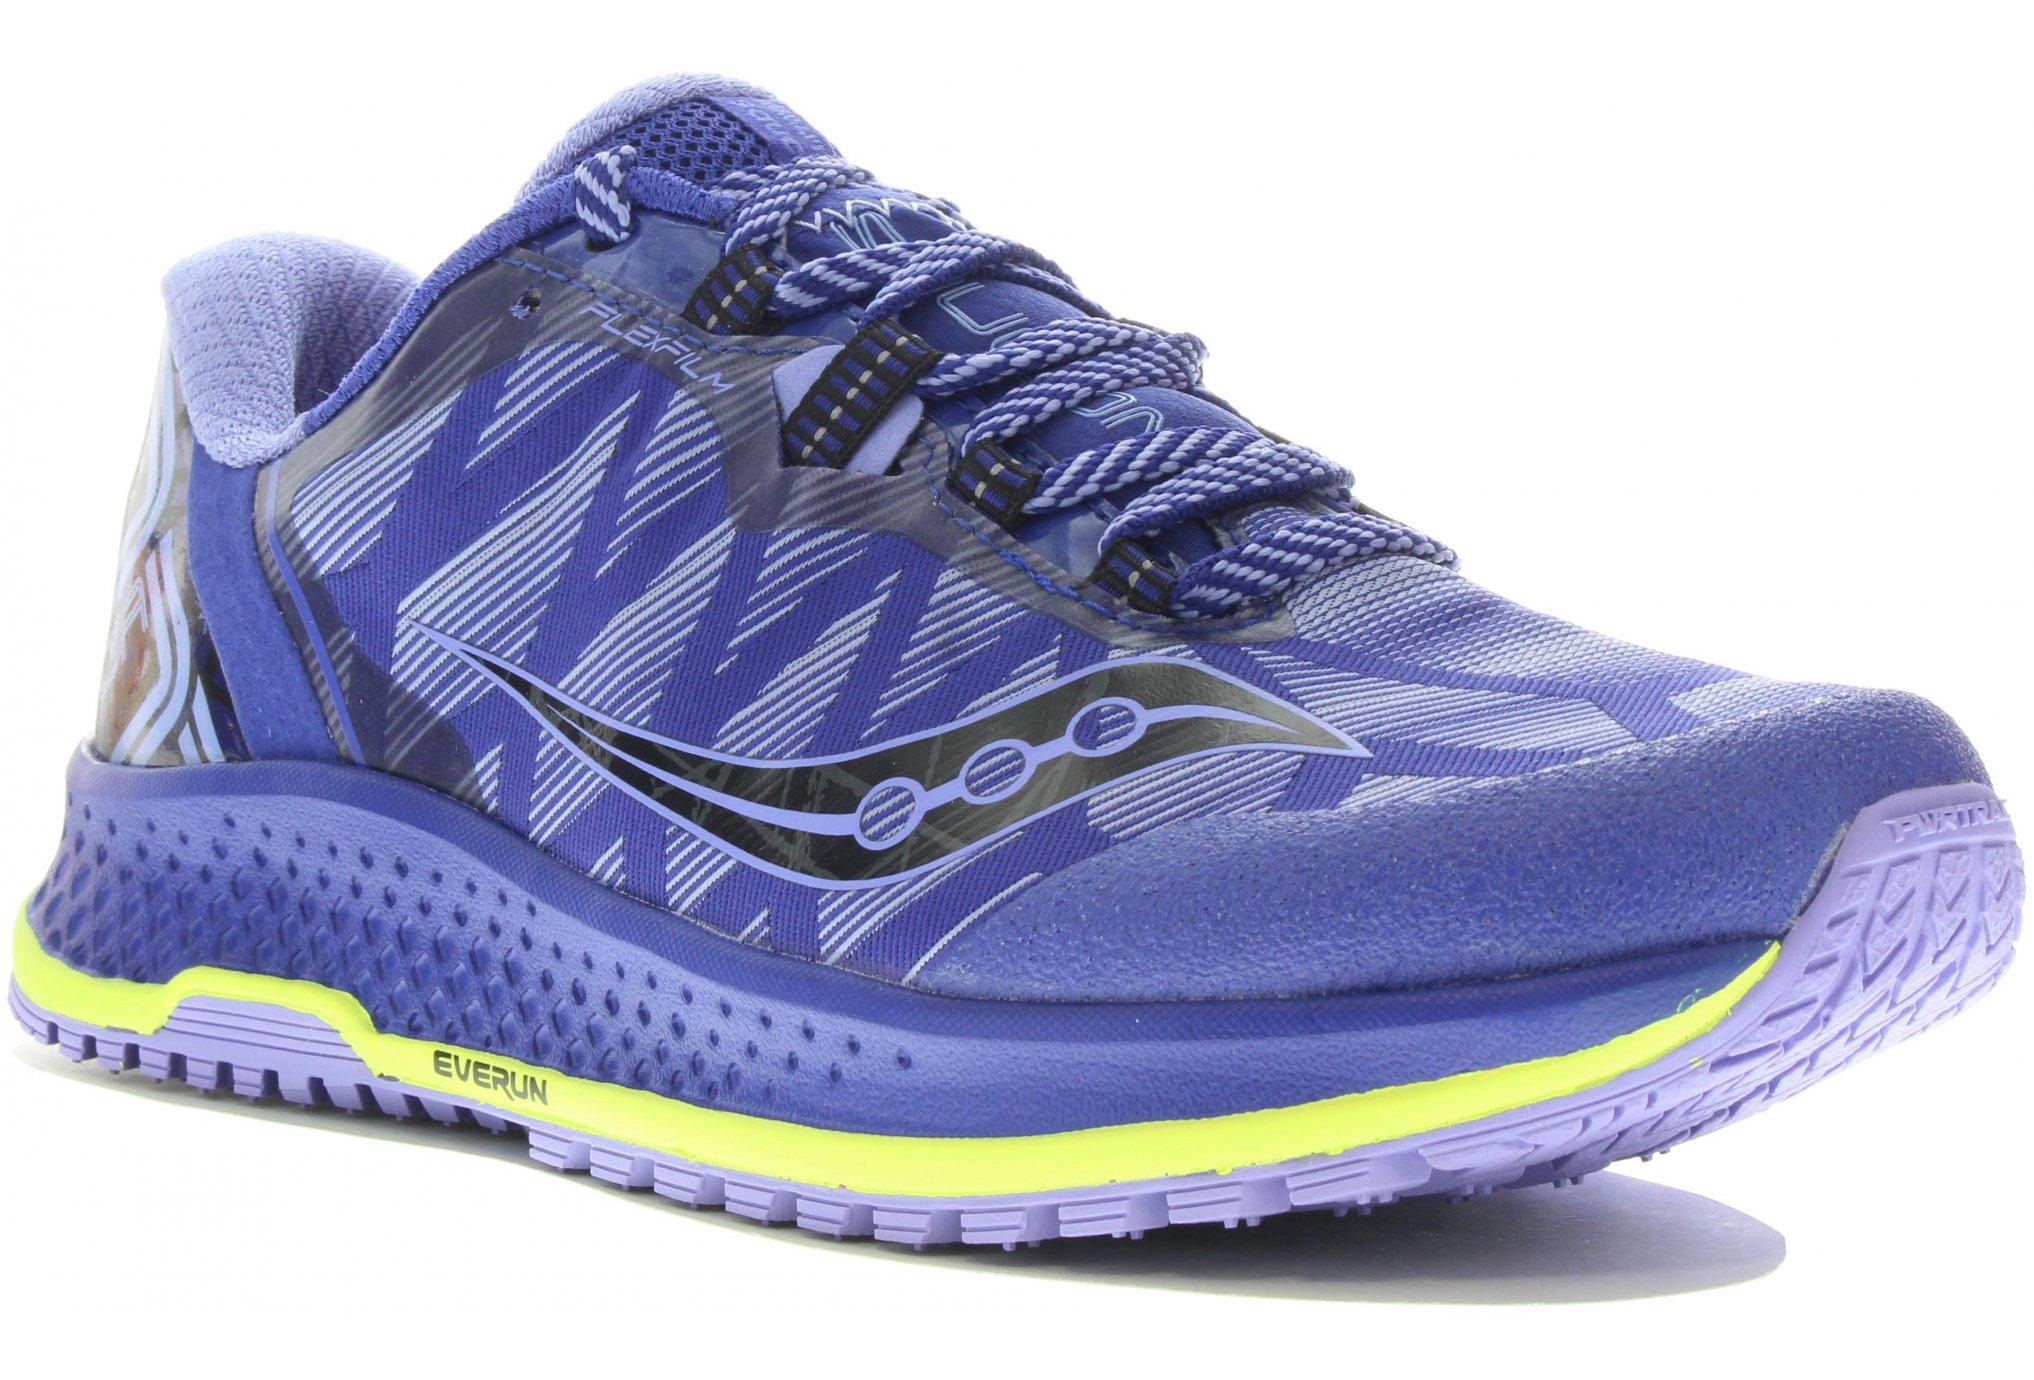 Saucony Koa TR W Chaussures running femme